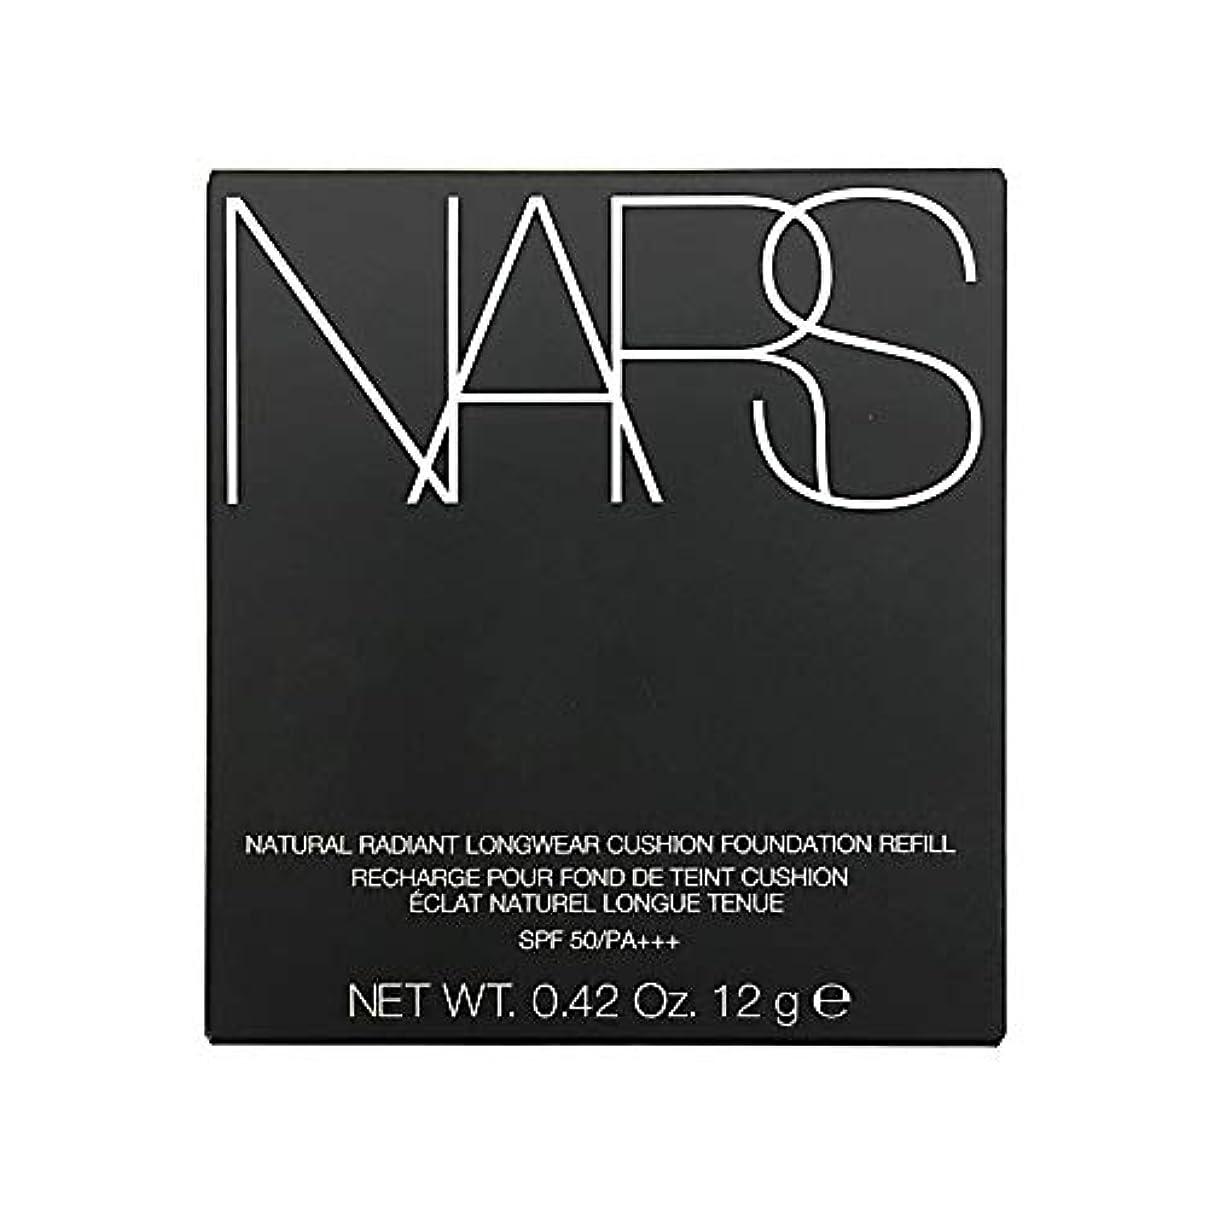 割り込み代替送信するナーズ/NARS ナチュラルラディアント ロングウェア クッションファンデーション(レフィル)#5878 [ クッションファンデ ] [並行輸入品]